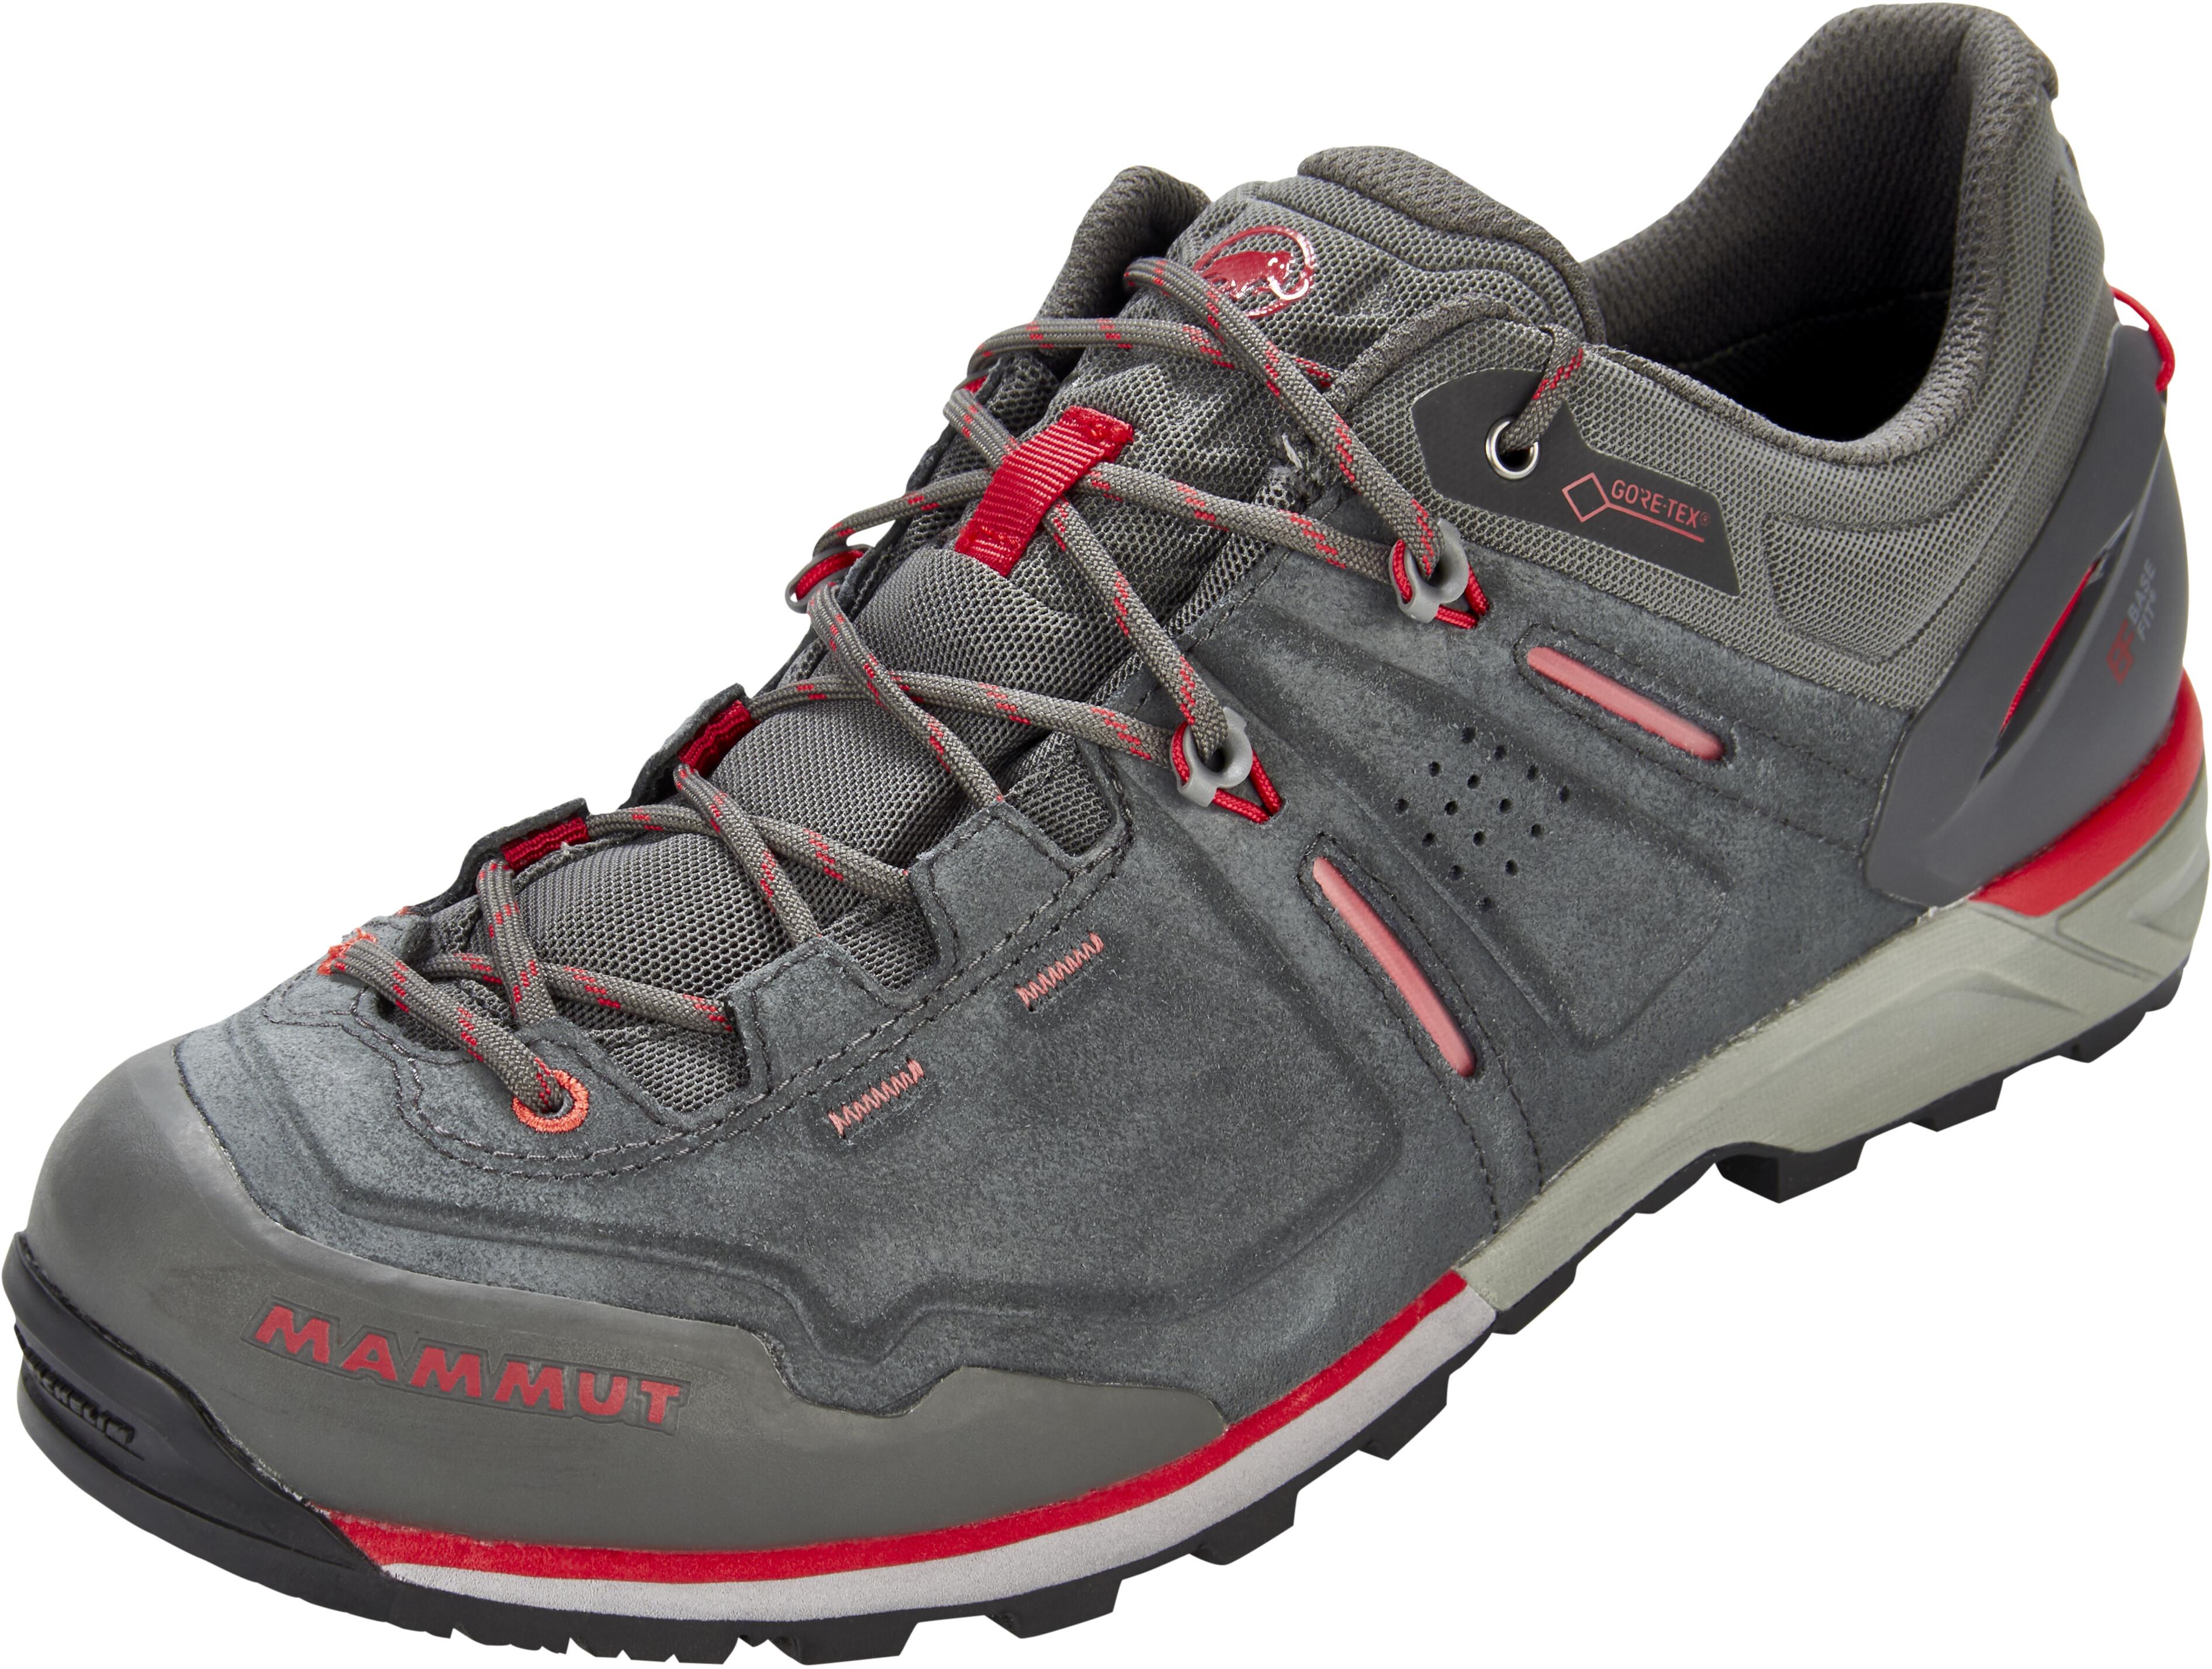 Mammut Klettergurt Größen : Mammut alnasca low gtx shoes men graphite magma campz.de